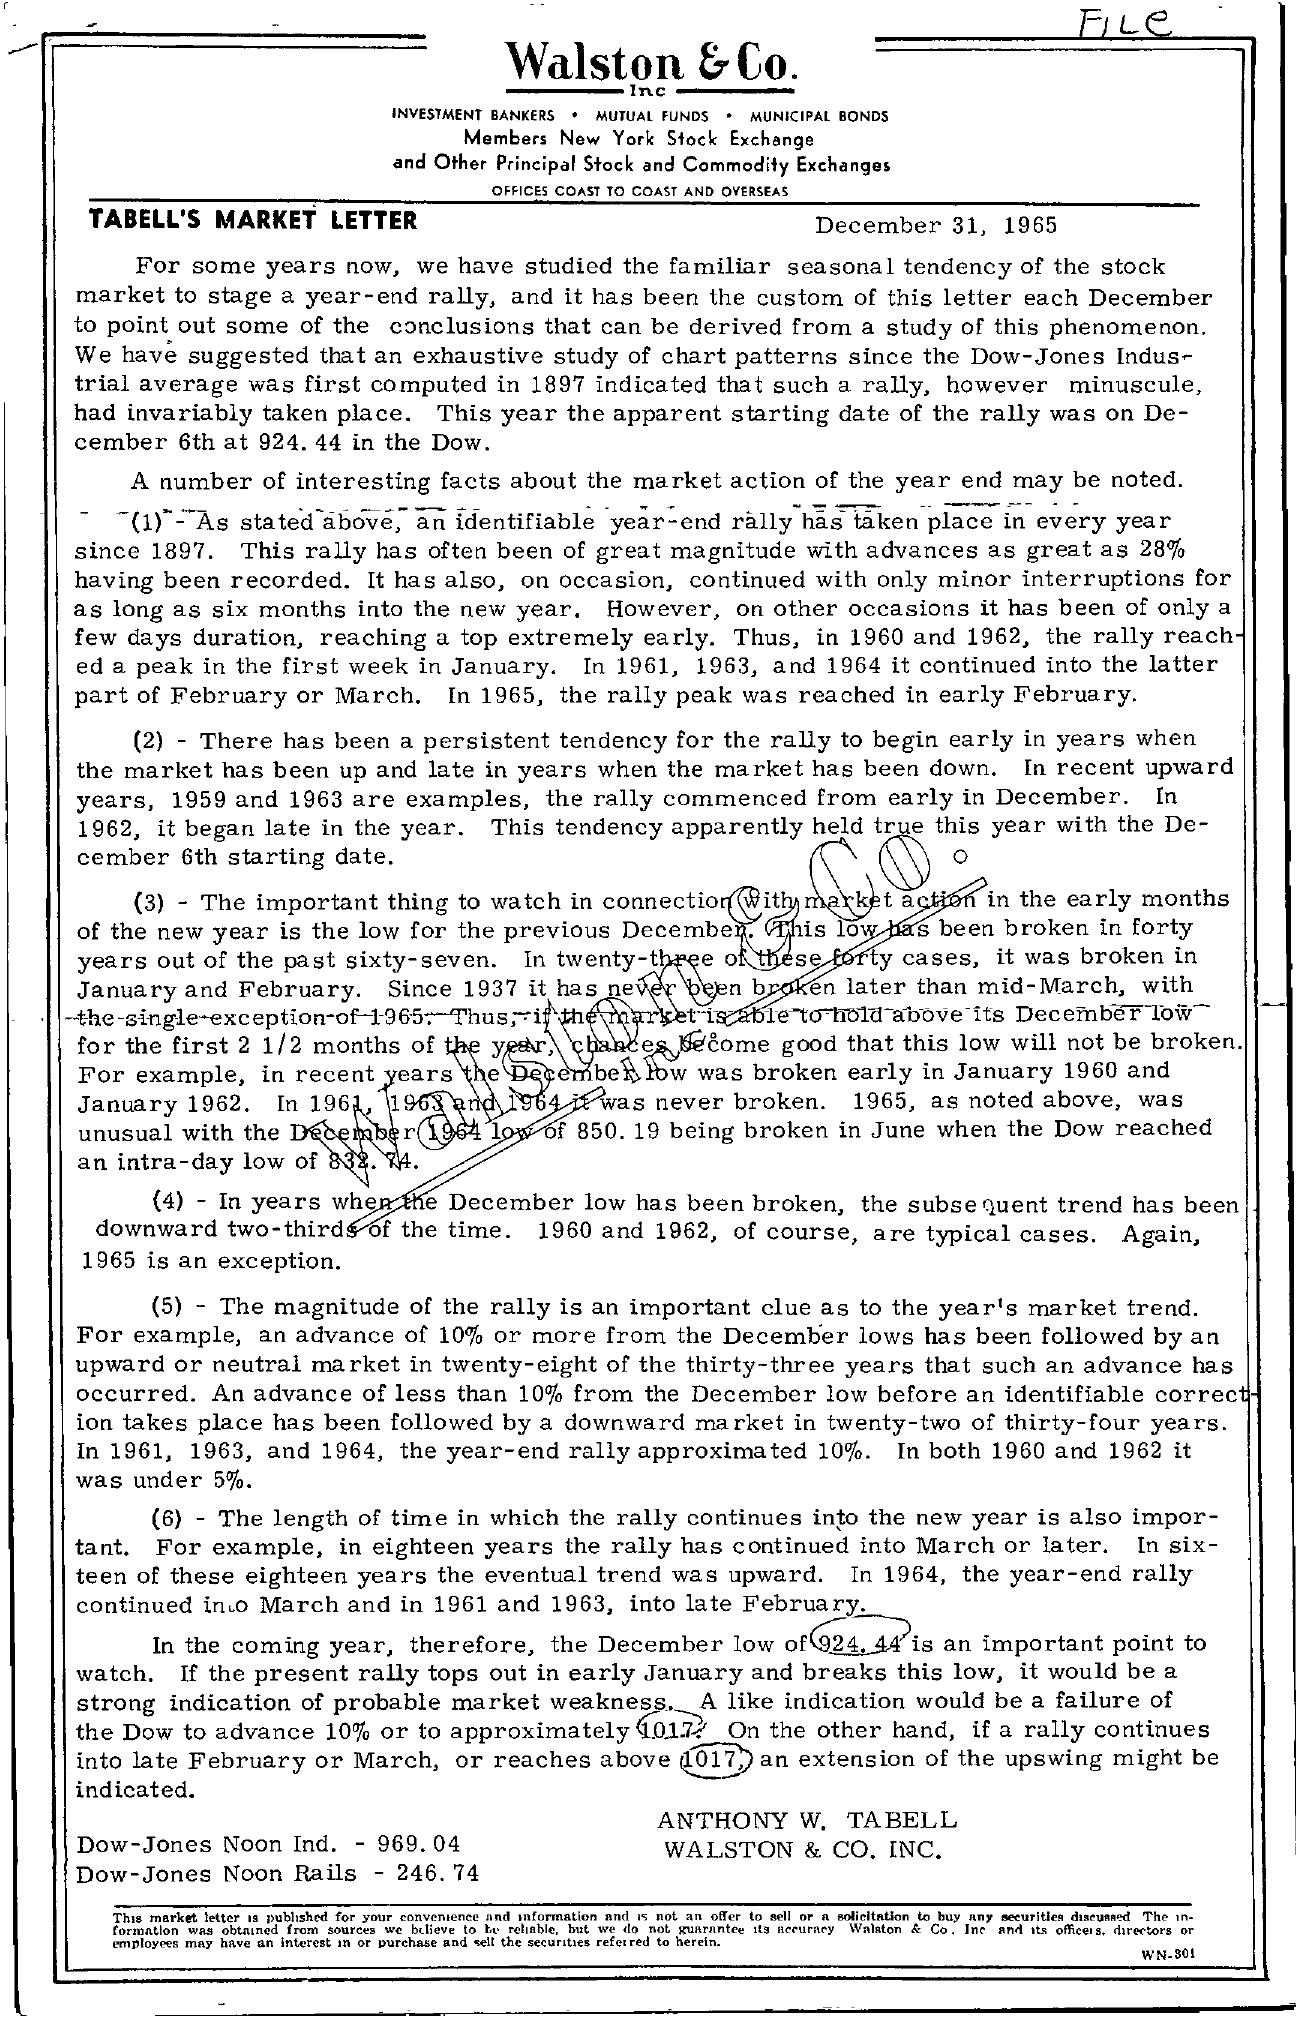 Tabell's Market Letter - December 31, 1965